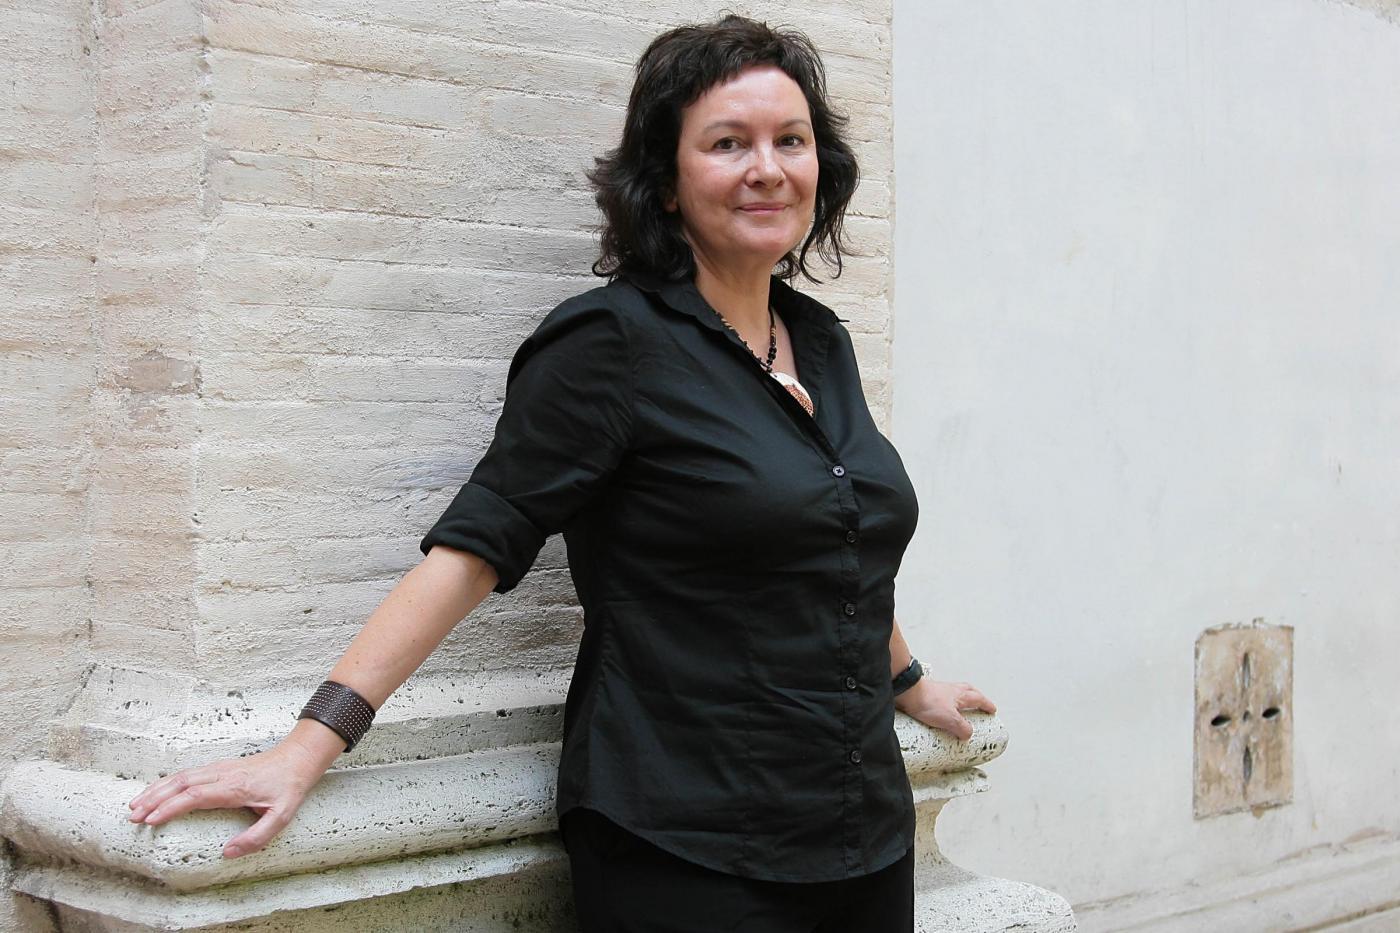 Lo stupore di una notte di luce: Clara Sánchez torna con un nuovo libro